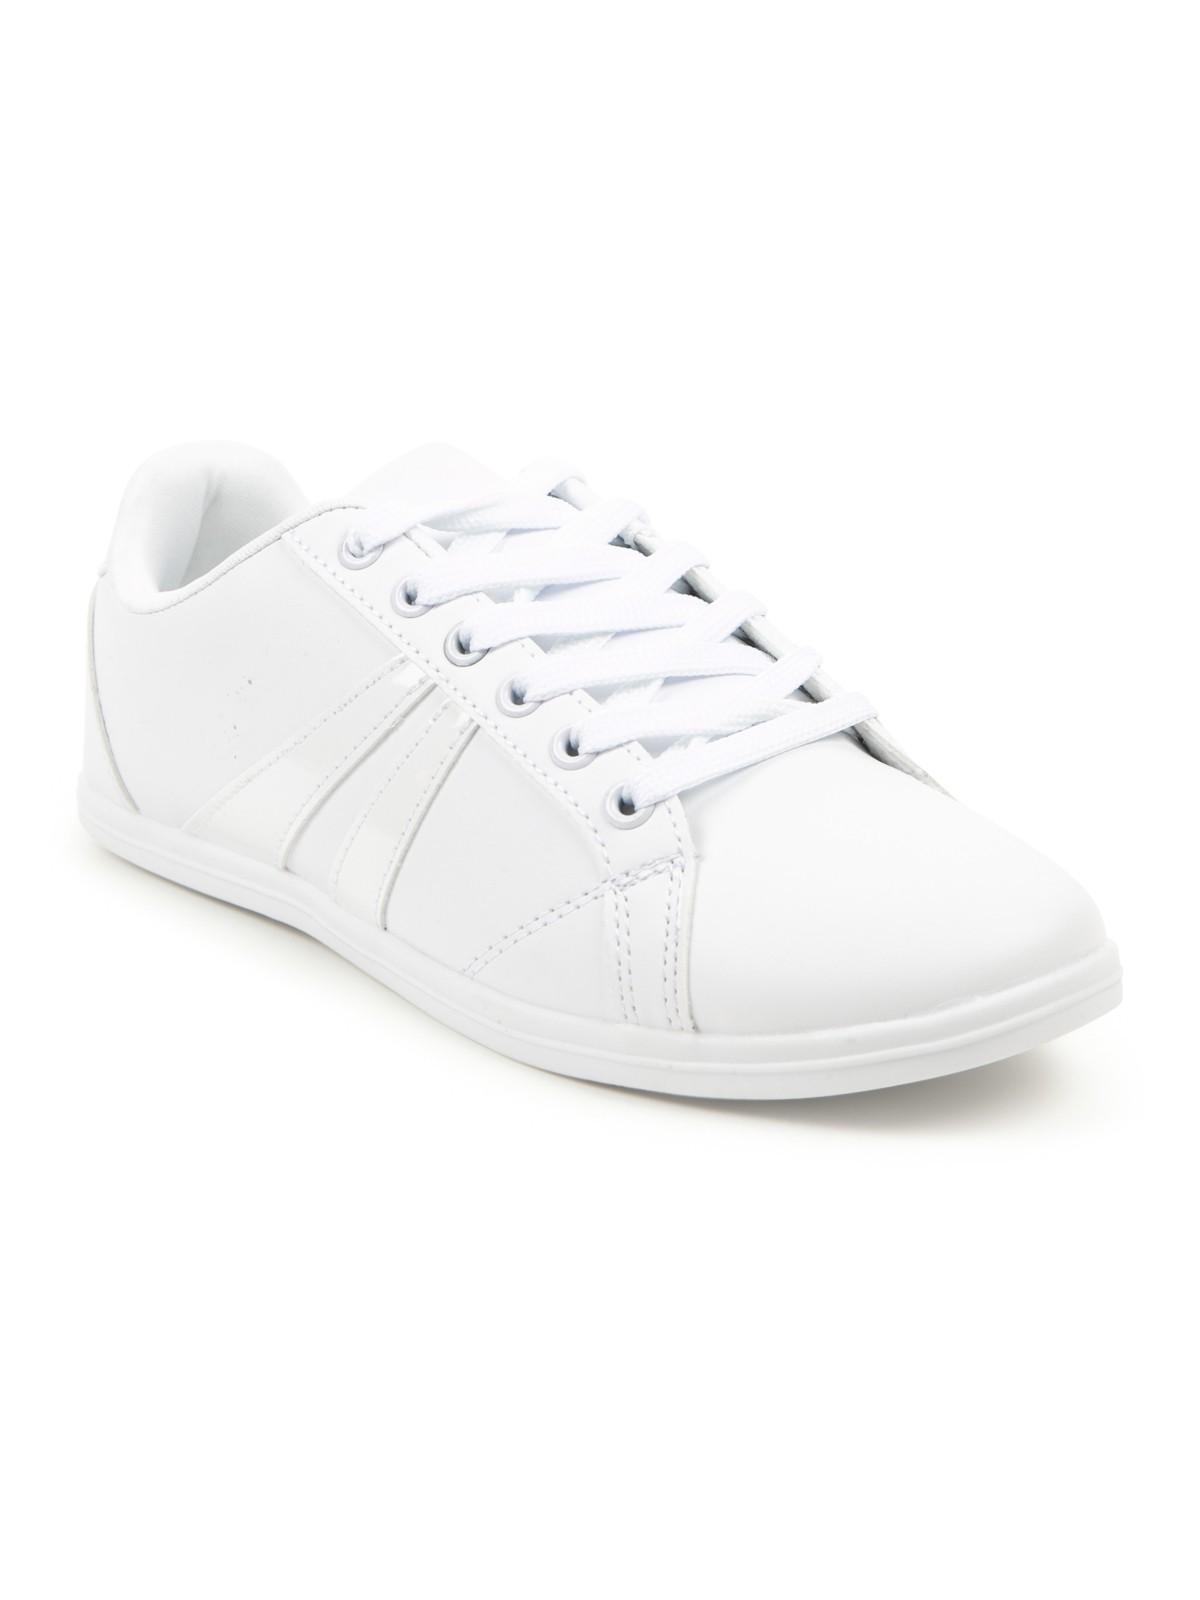 Baskets blanches pour femme (36-42) - DistriCenter eec68d605fcf